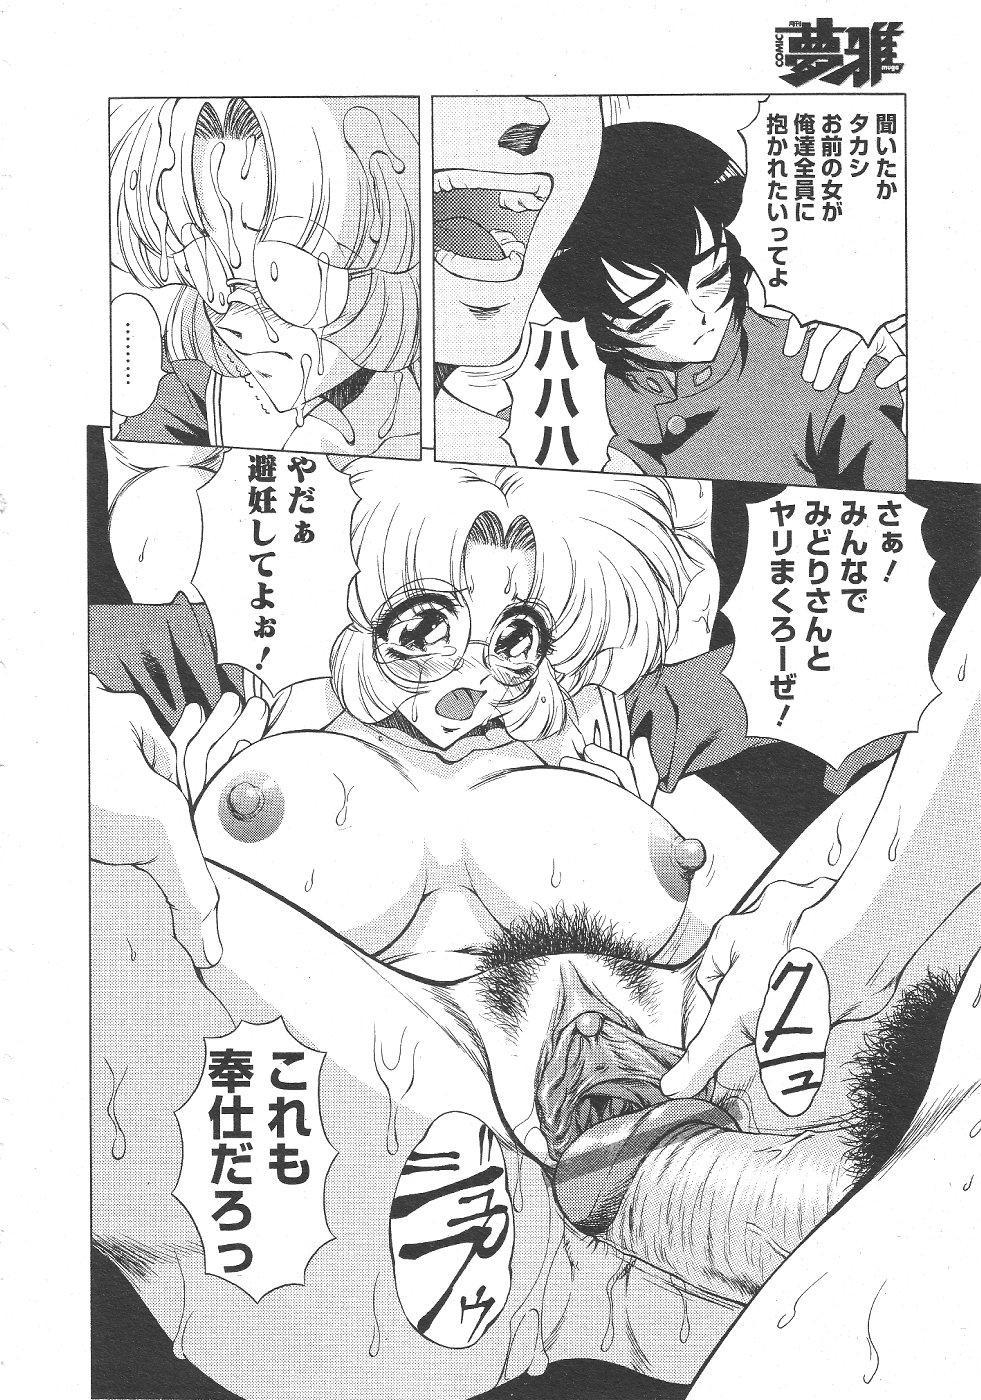 Gekkan Comic Muga 2004-06 Vol.10 323